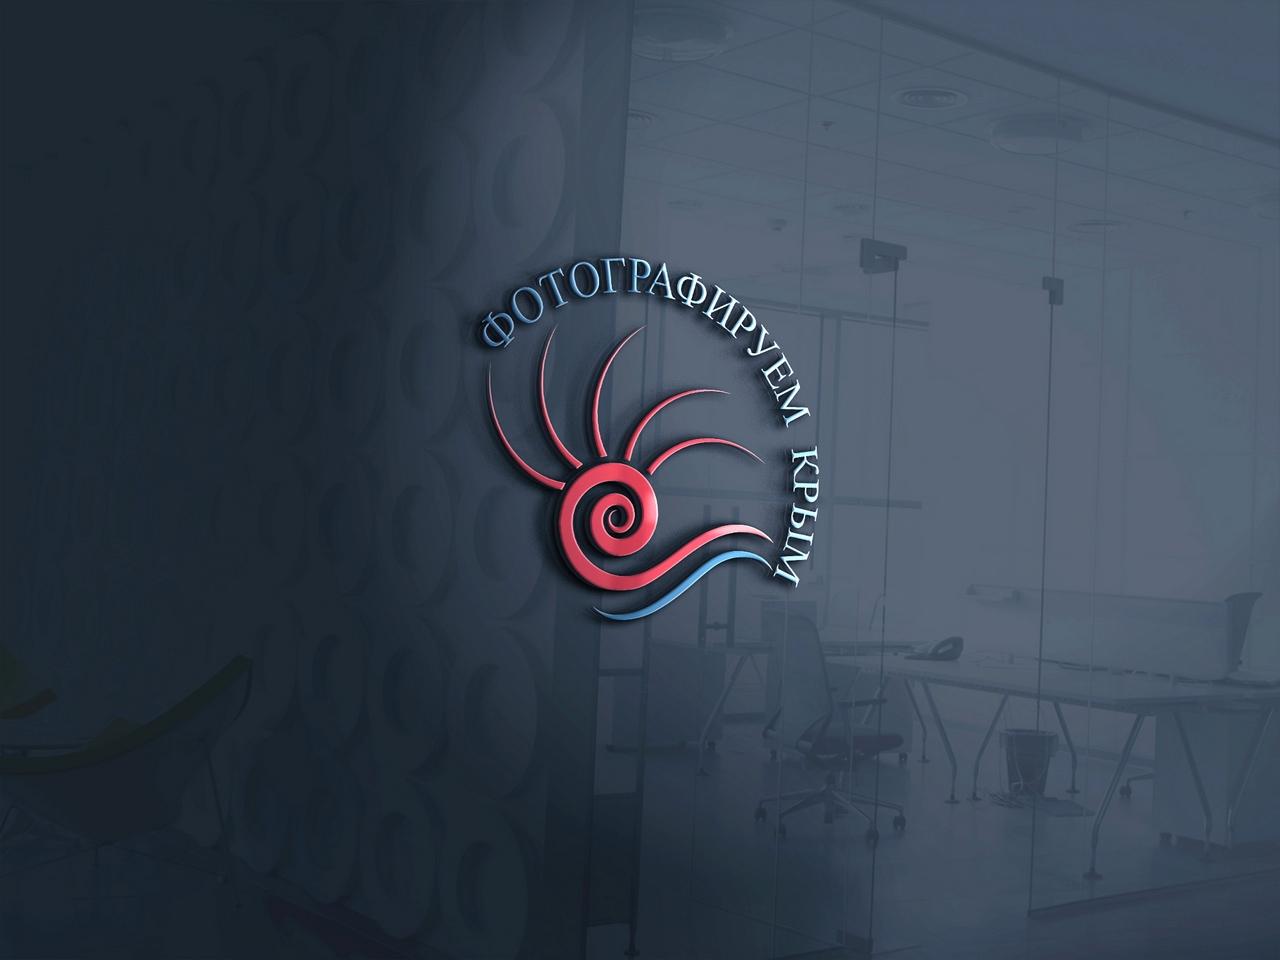 ЛОГОТИП + фирменный стиль фотоконкурса ФОТОГРАФИРУЕМ КРЫМ фото f_5835c0e6526e4bc0.jpg